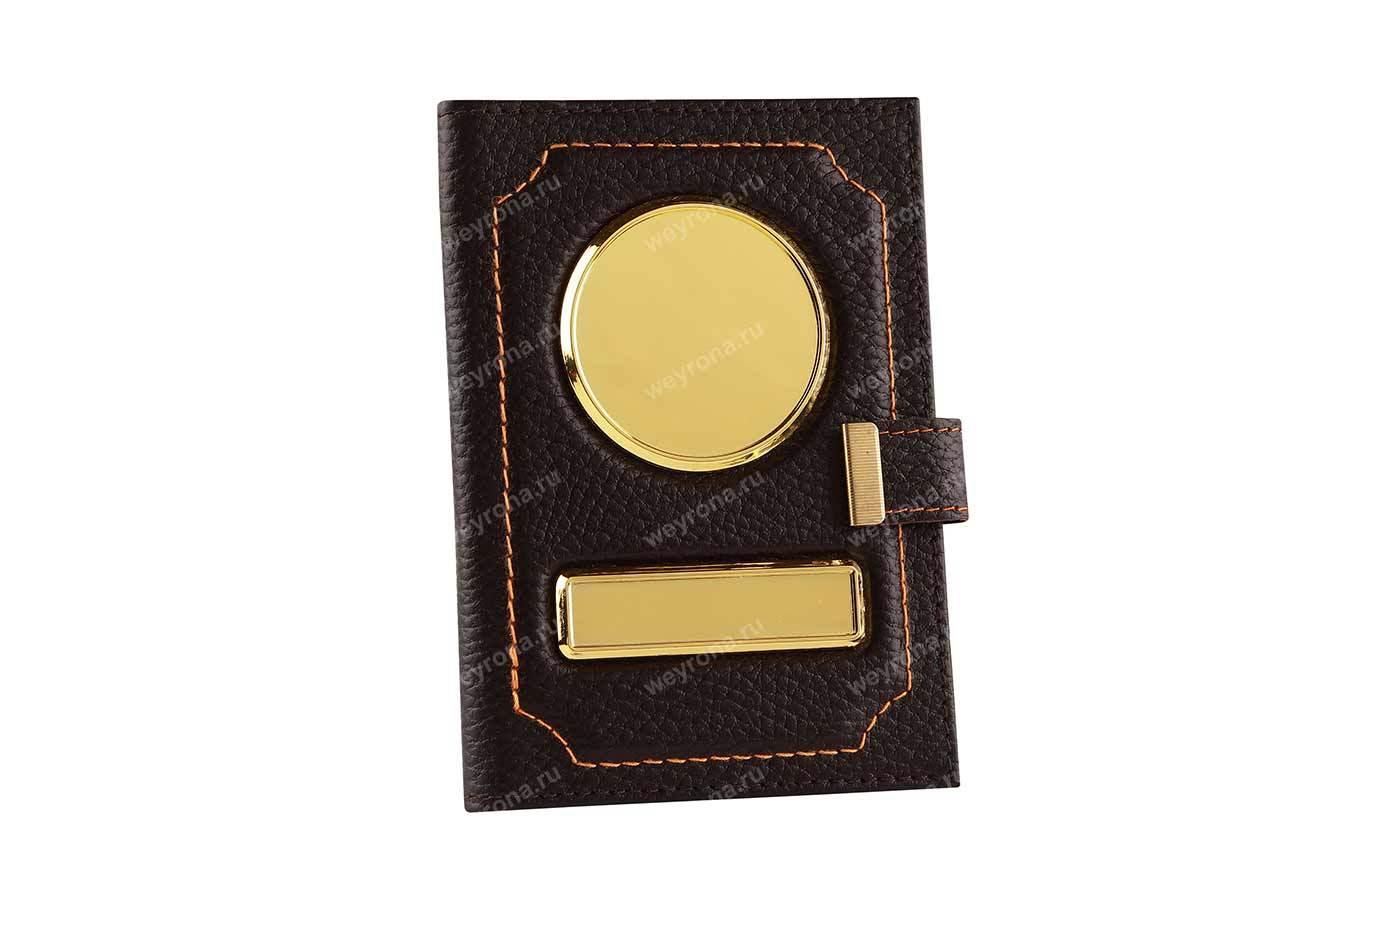 Обложка гос номер с заклепкой 2 в 1 флотер коричневый